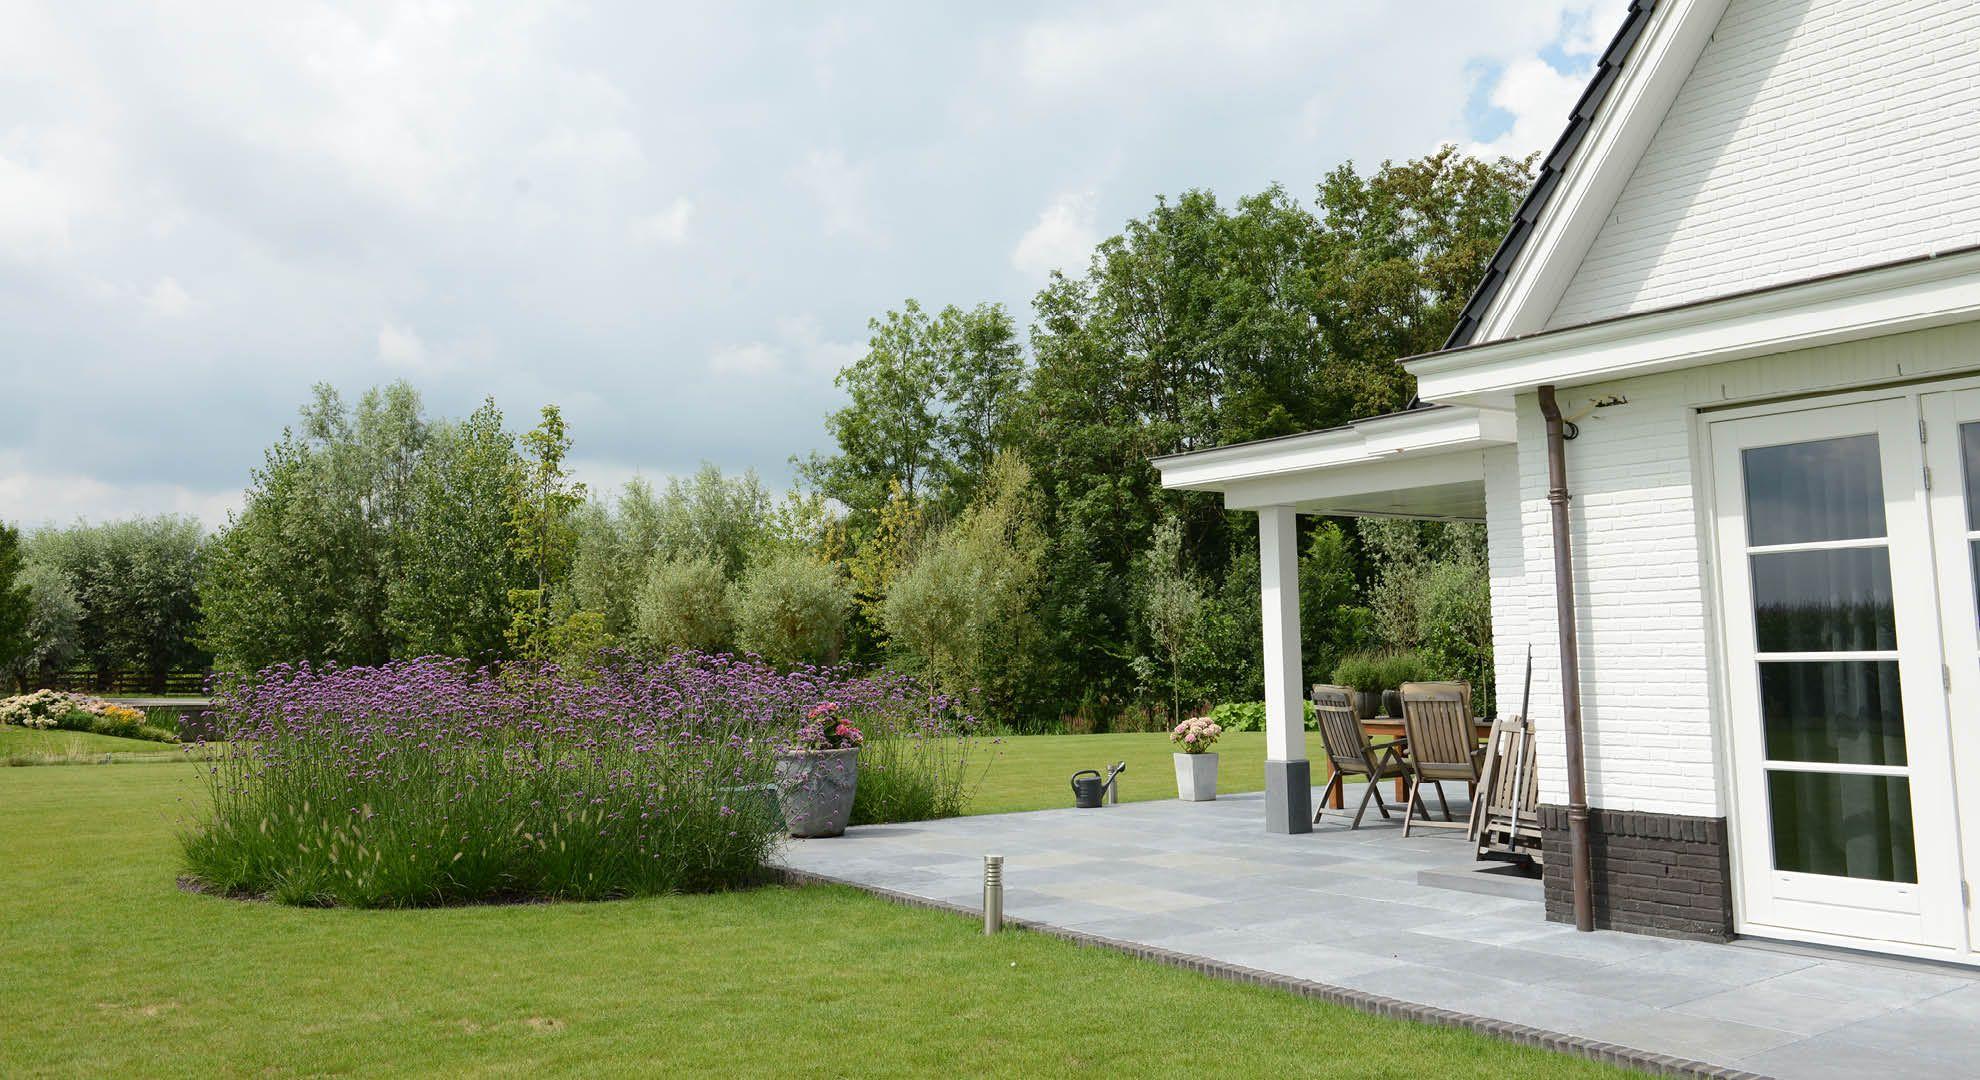 Rodenburg klassieke tuinen willemskade ad zwolle rodenburg